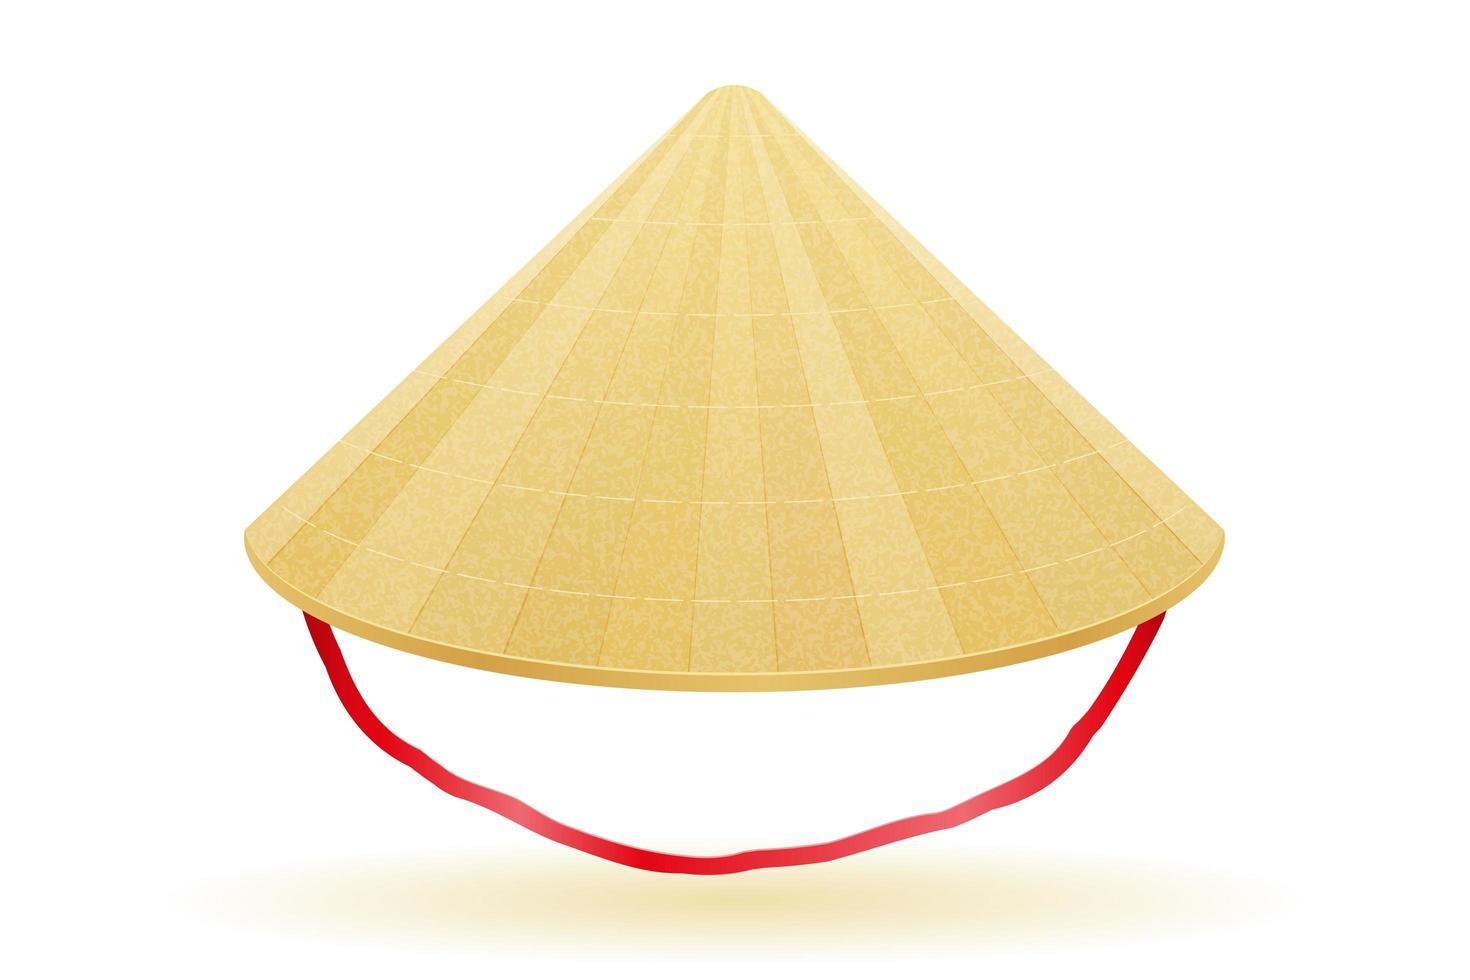 chapéu de palha tradicional asiático vetor